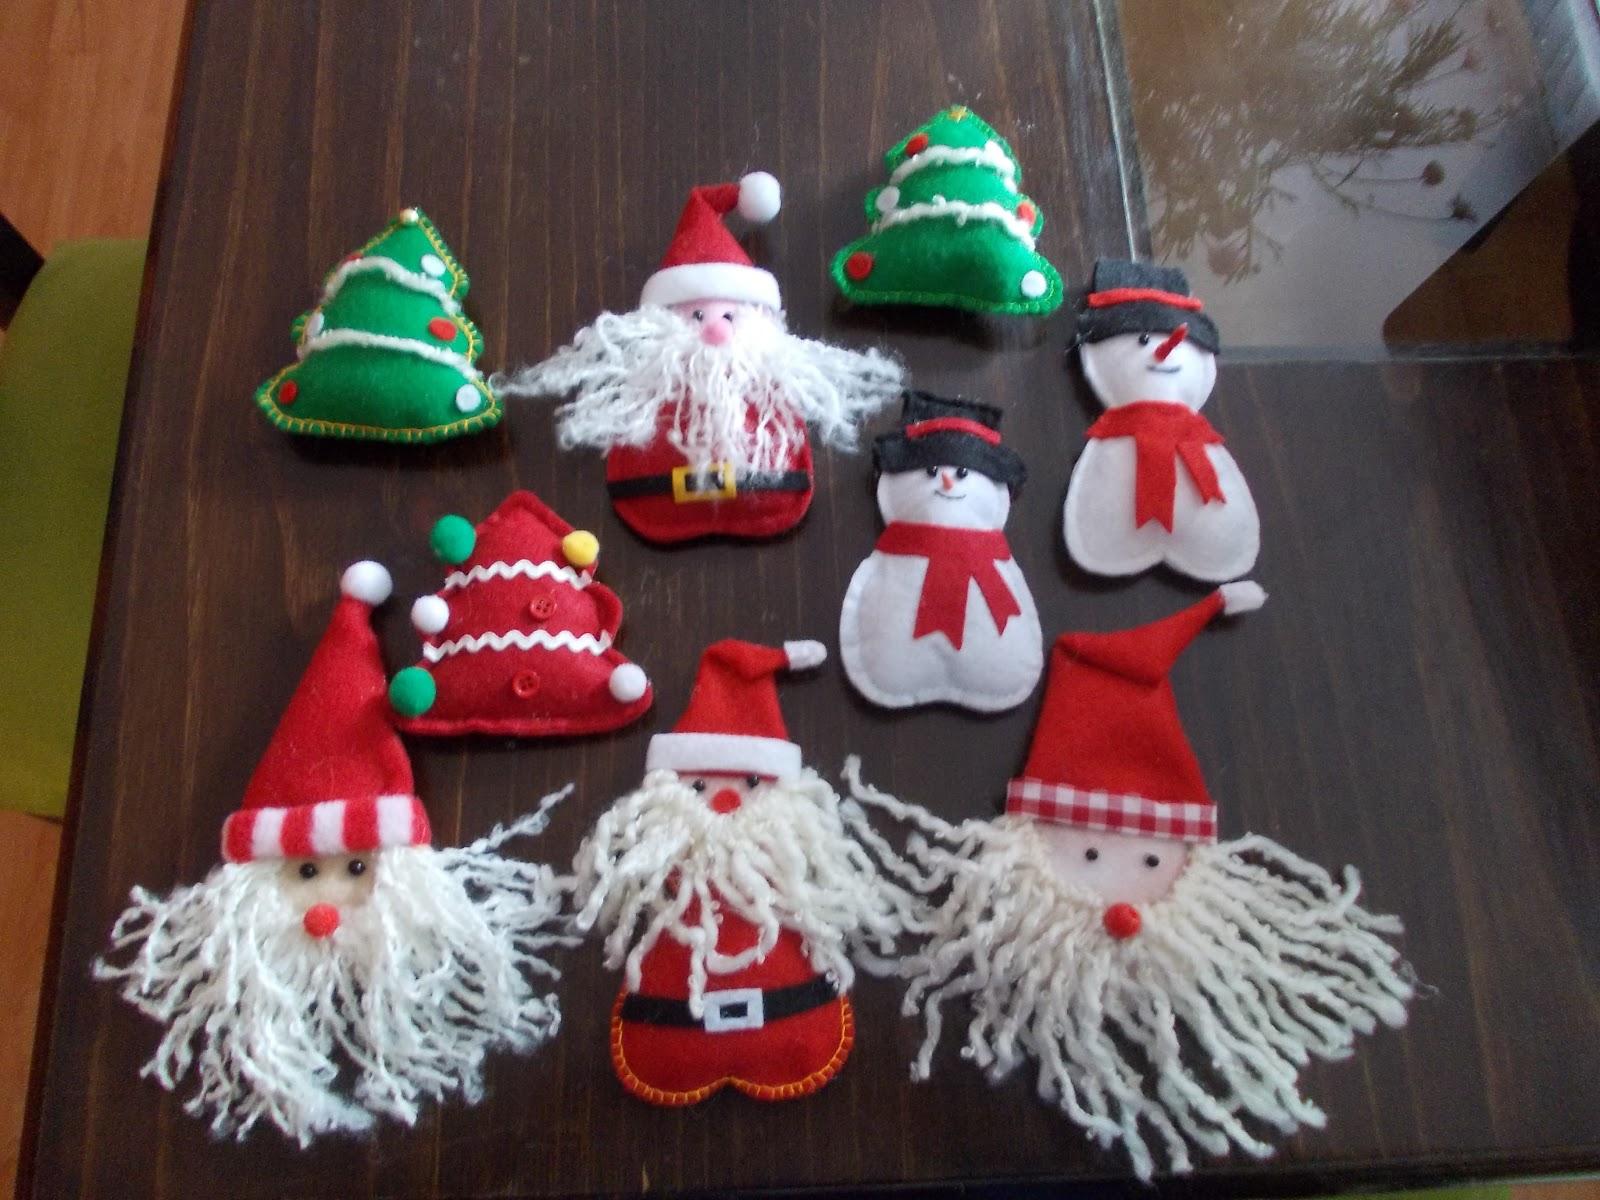 Adornos y regalos de navidad adornos para rbol de navidad for Adornos navidenos para el arbol